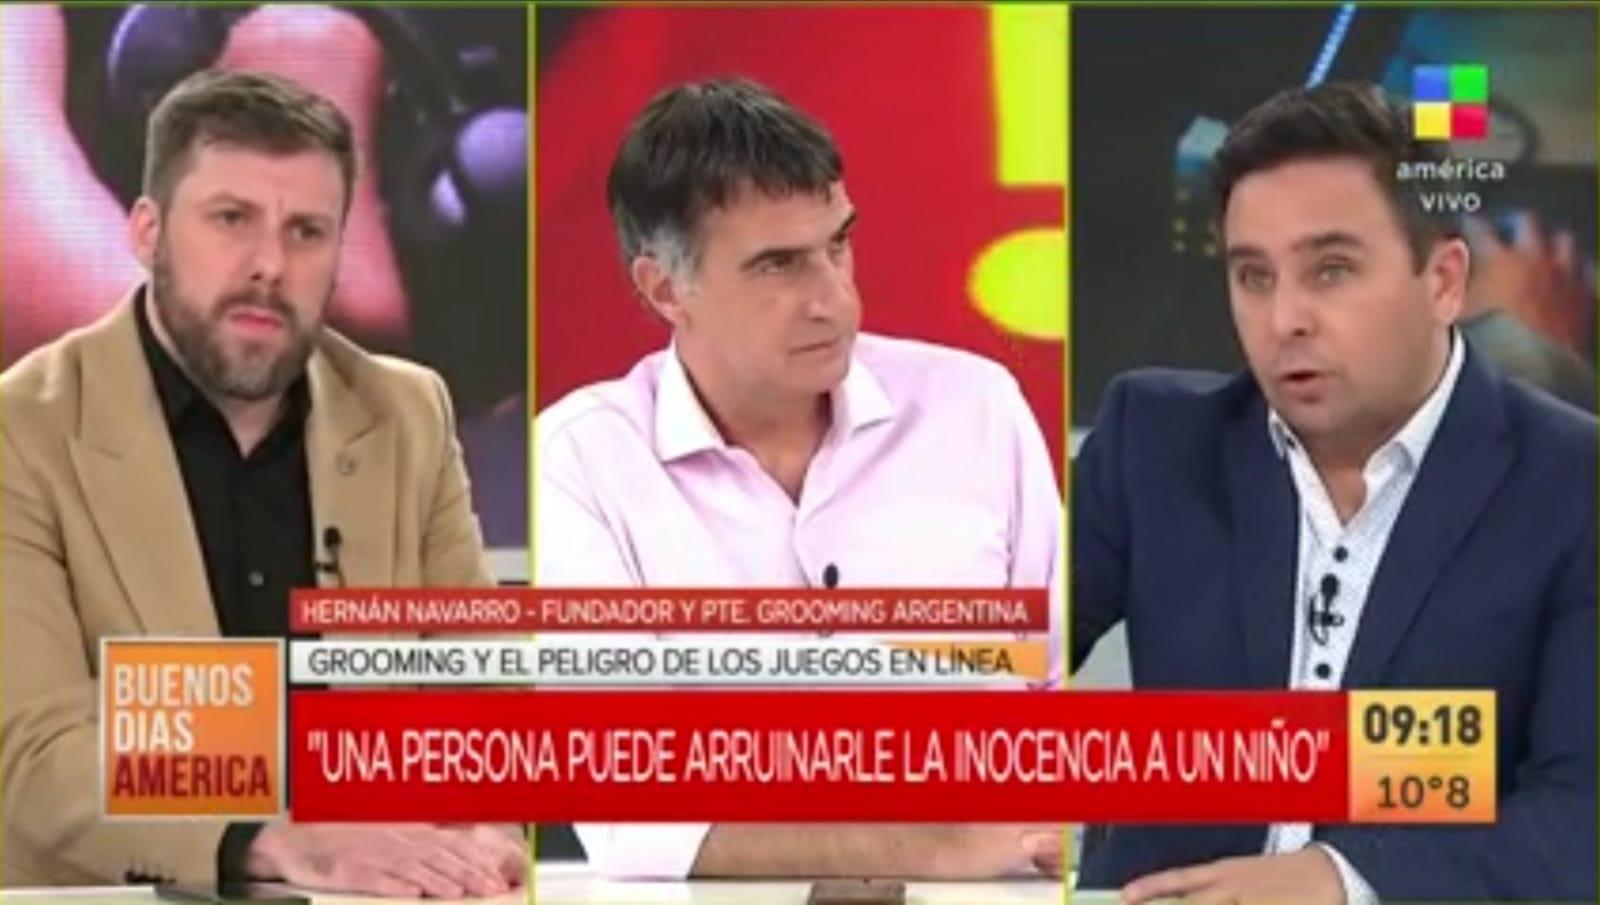 El presidente de Grooming Argentina dialogó con América Televisión